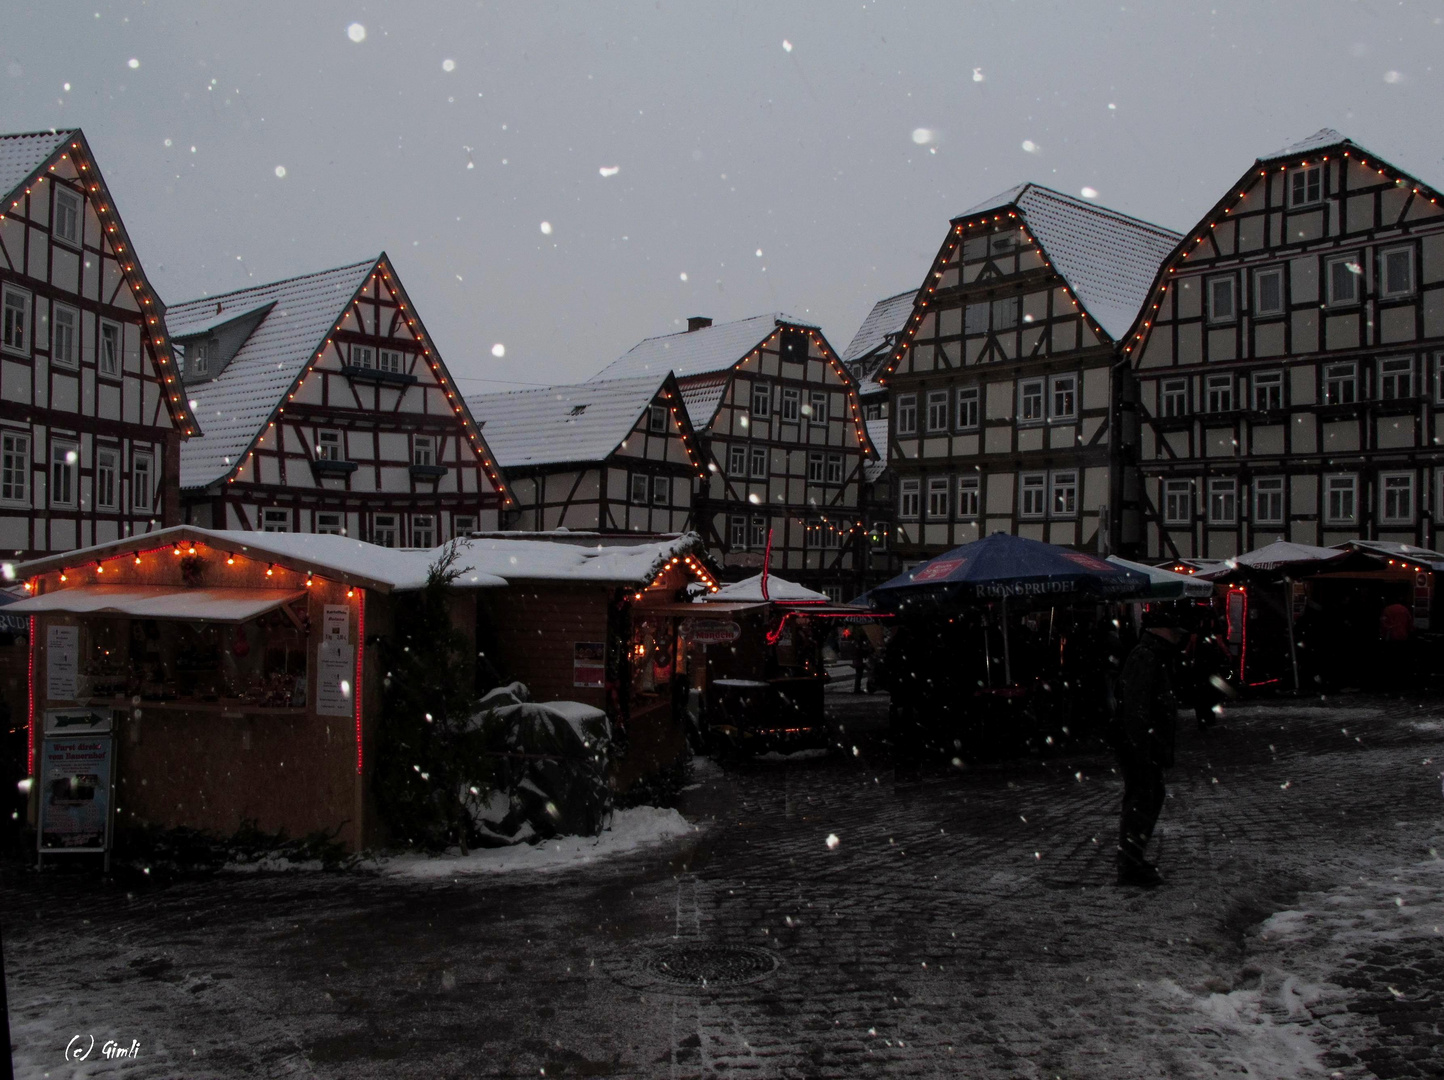 Weihnachtsmarkt in Schlitz - Osthessen II